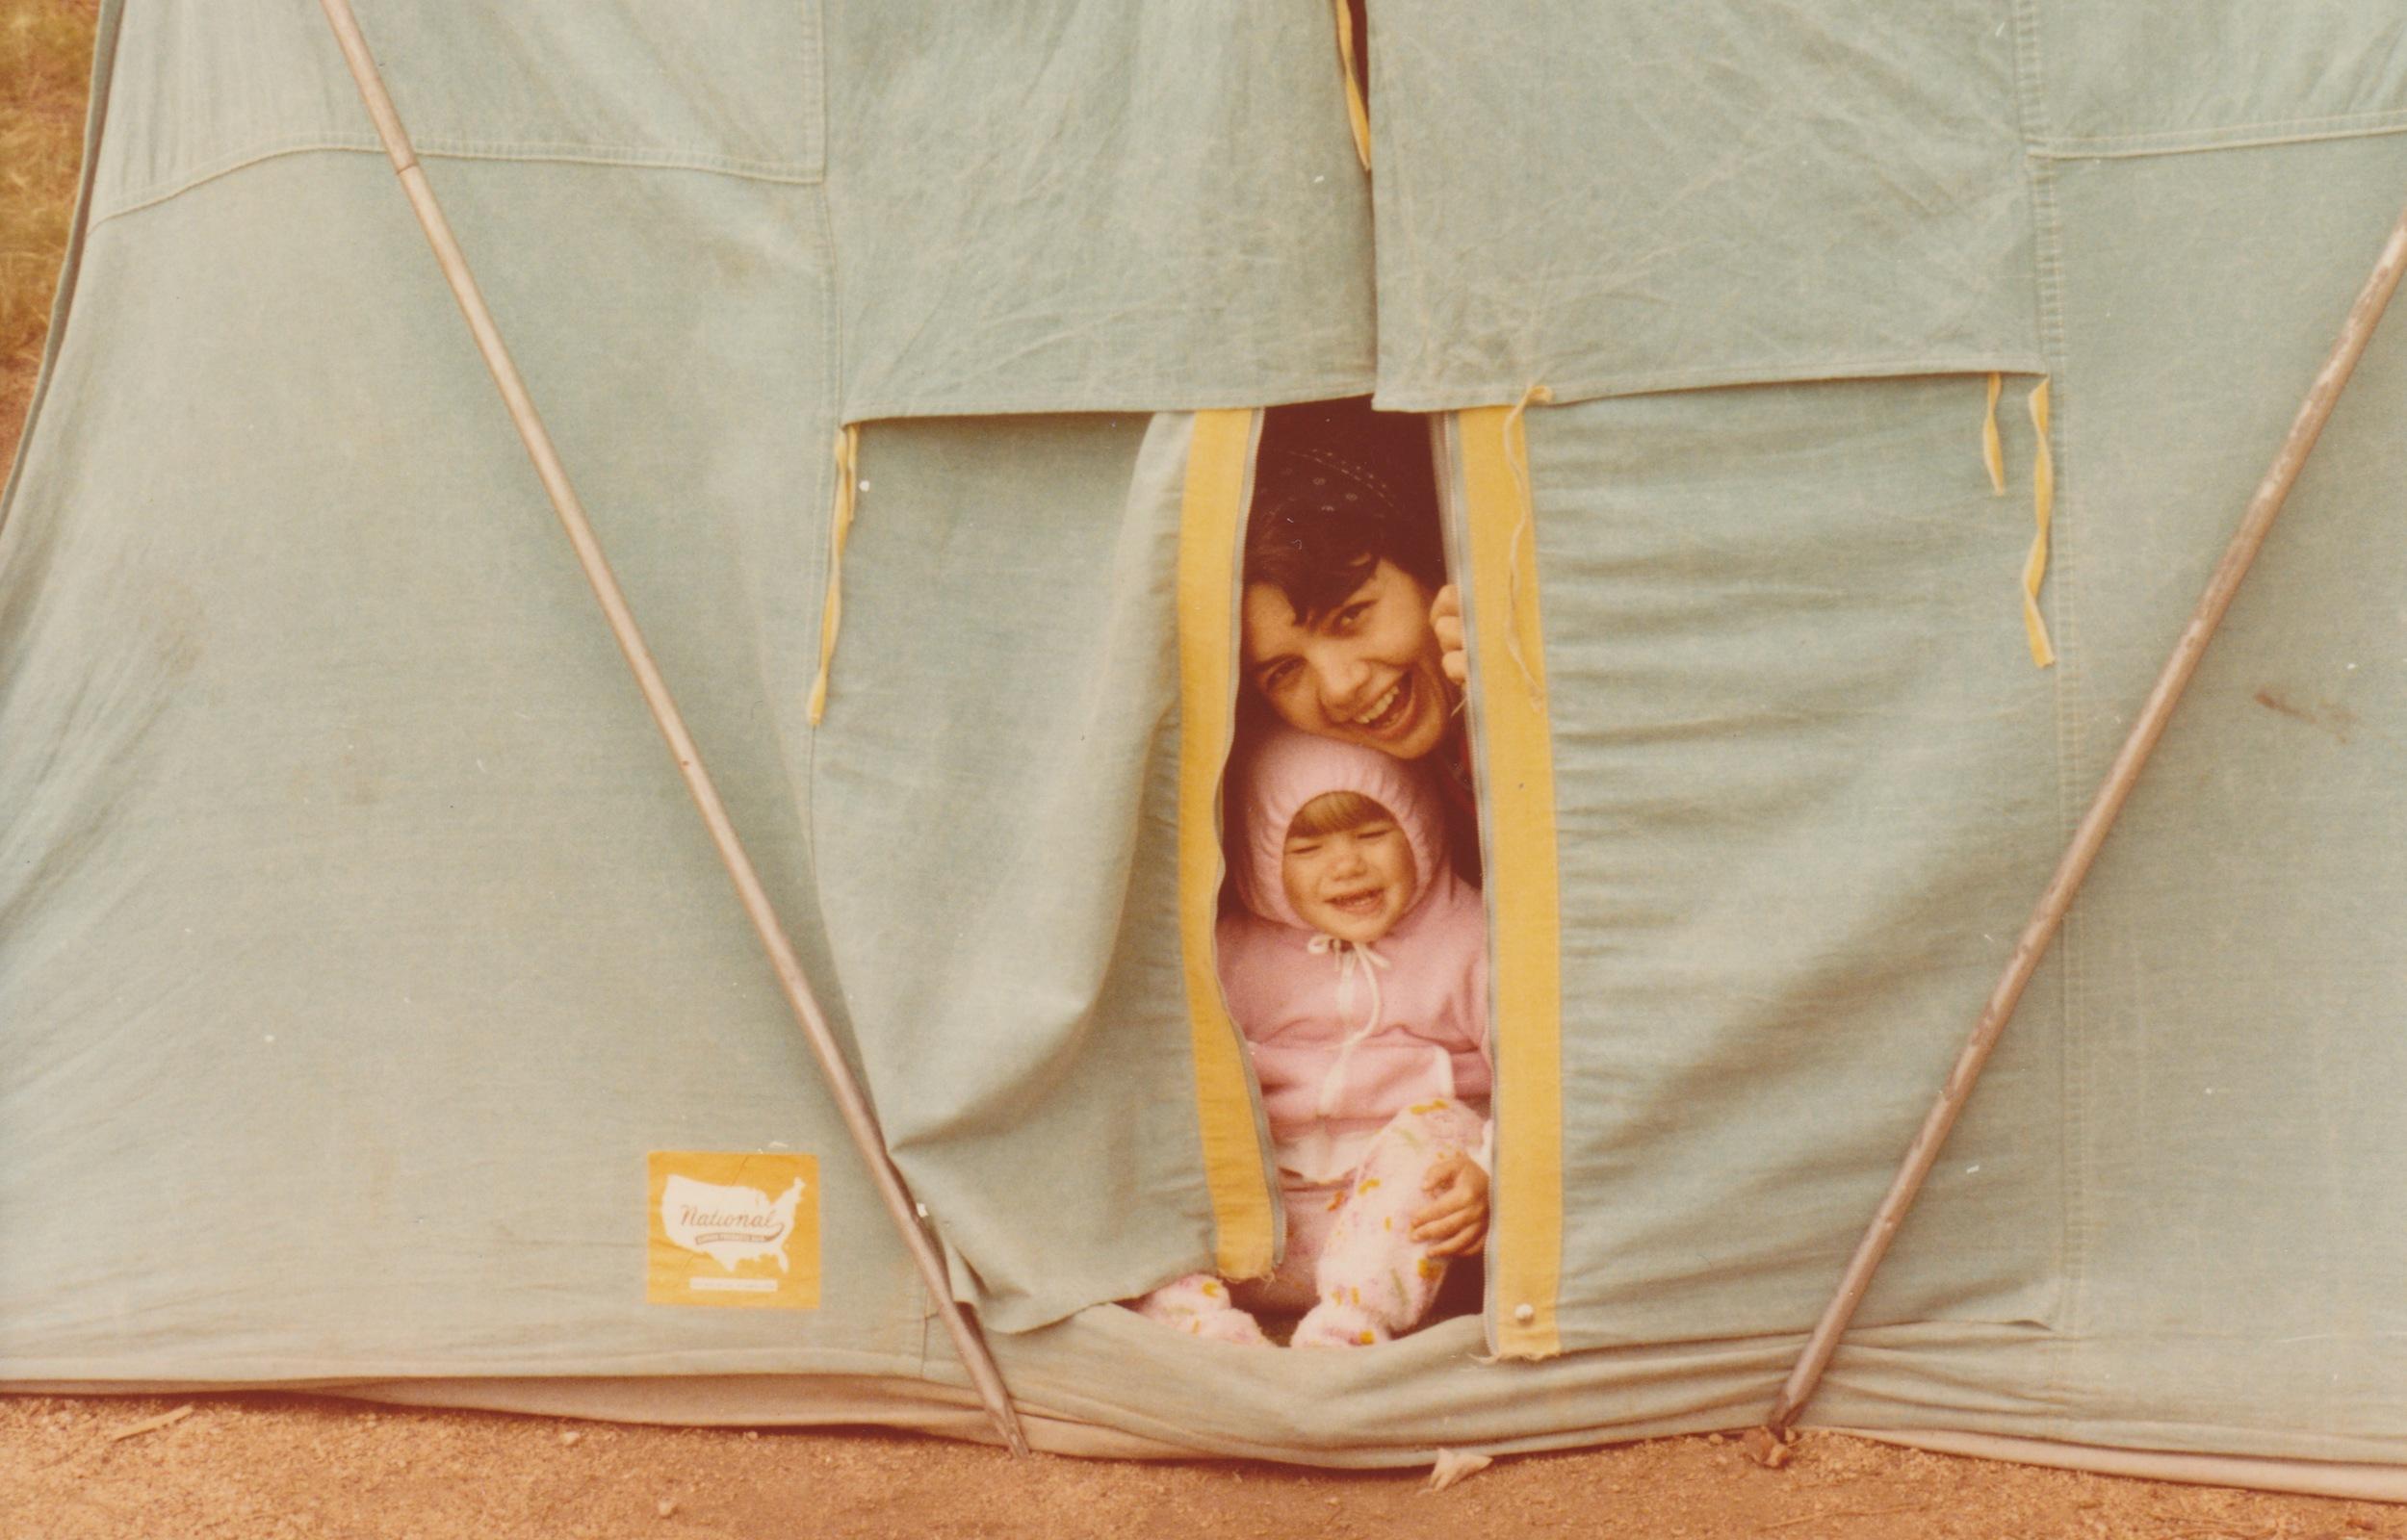 Somewhere in Colorado, circa 1983